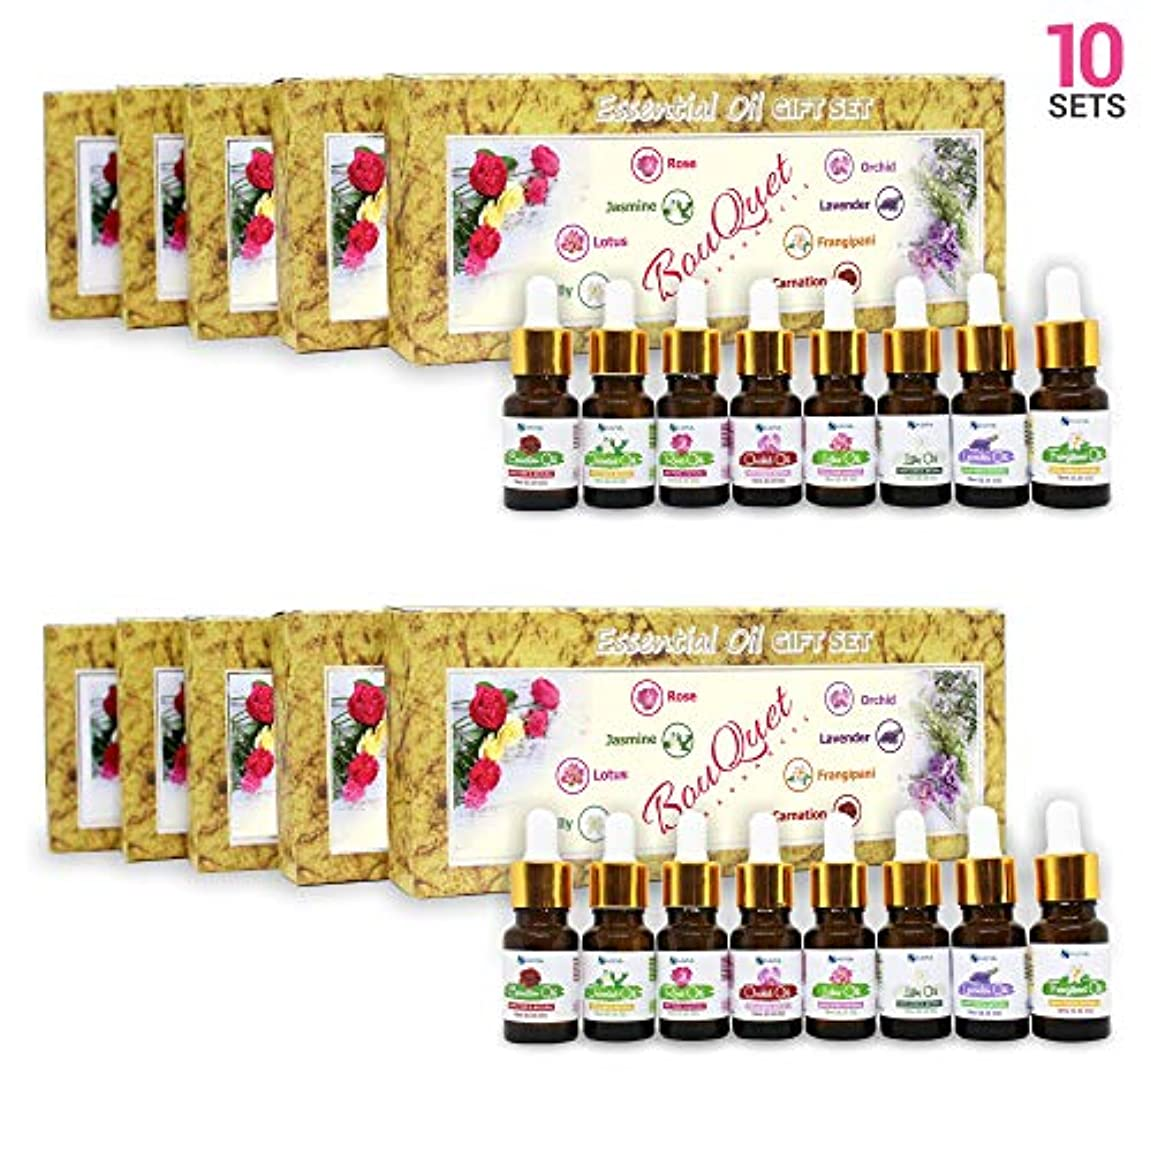 六合唱団経済Aromatherapy Fragrance Oils (Set of 10) - 100% Natural Therapeutic Essential Oils, 10ml each (Rose, Jasmine, Lotus...